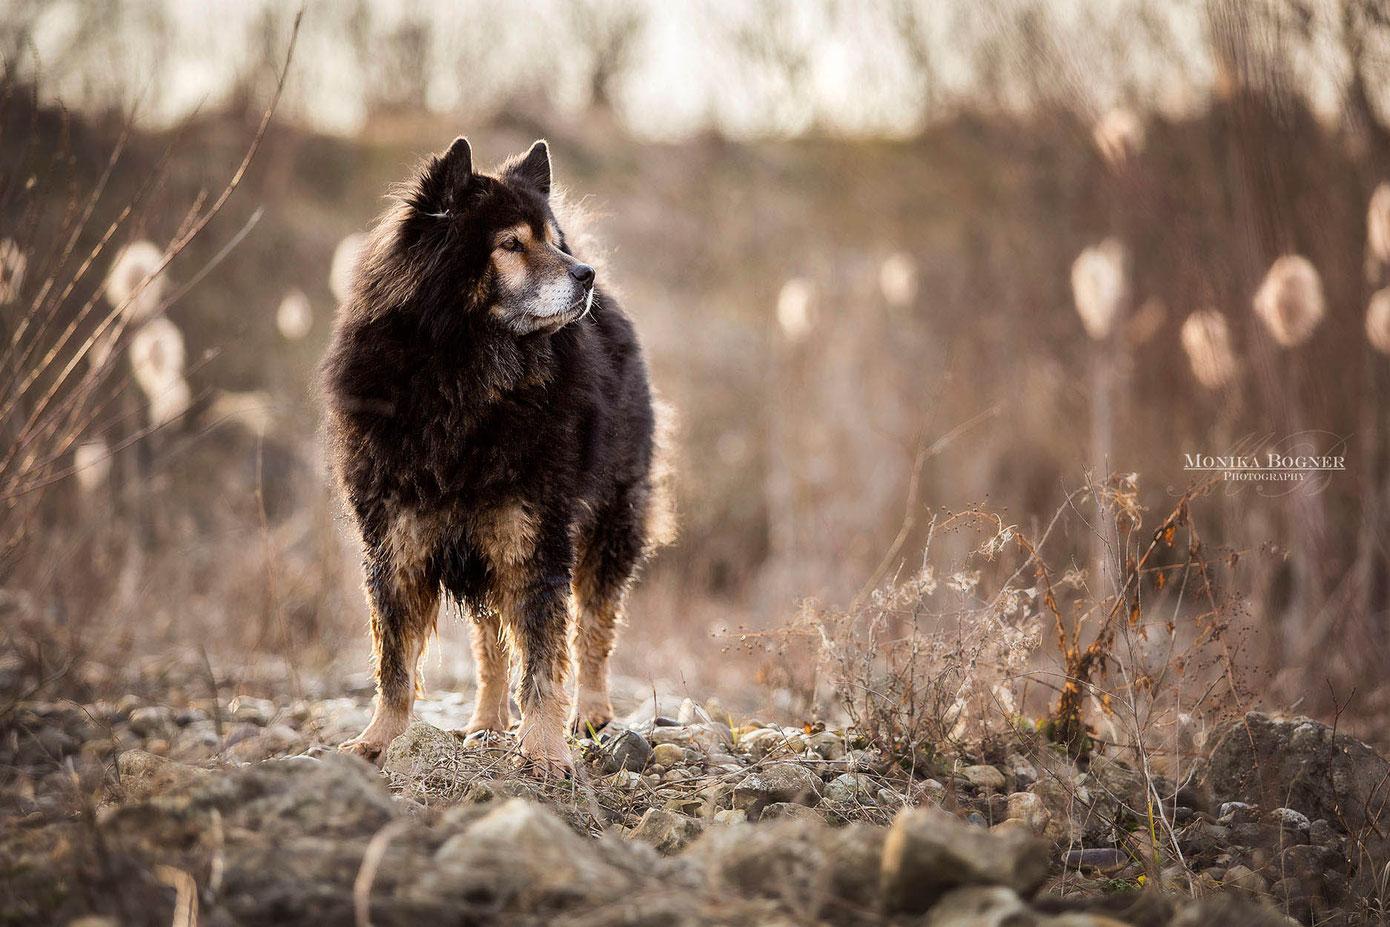 Eurasier, Fotoshooting mit Hund